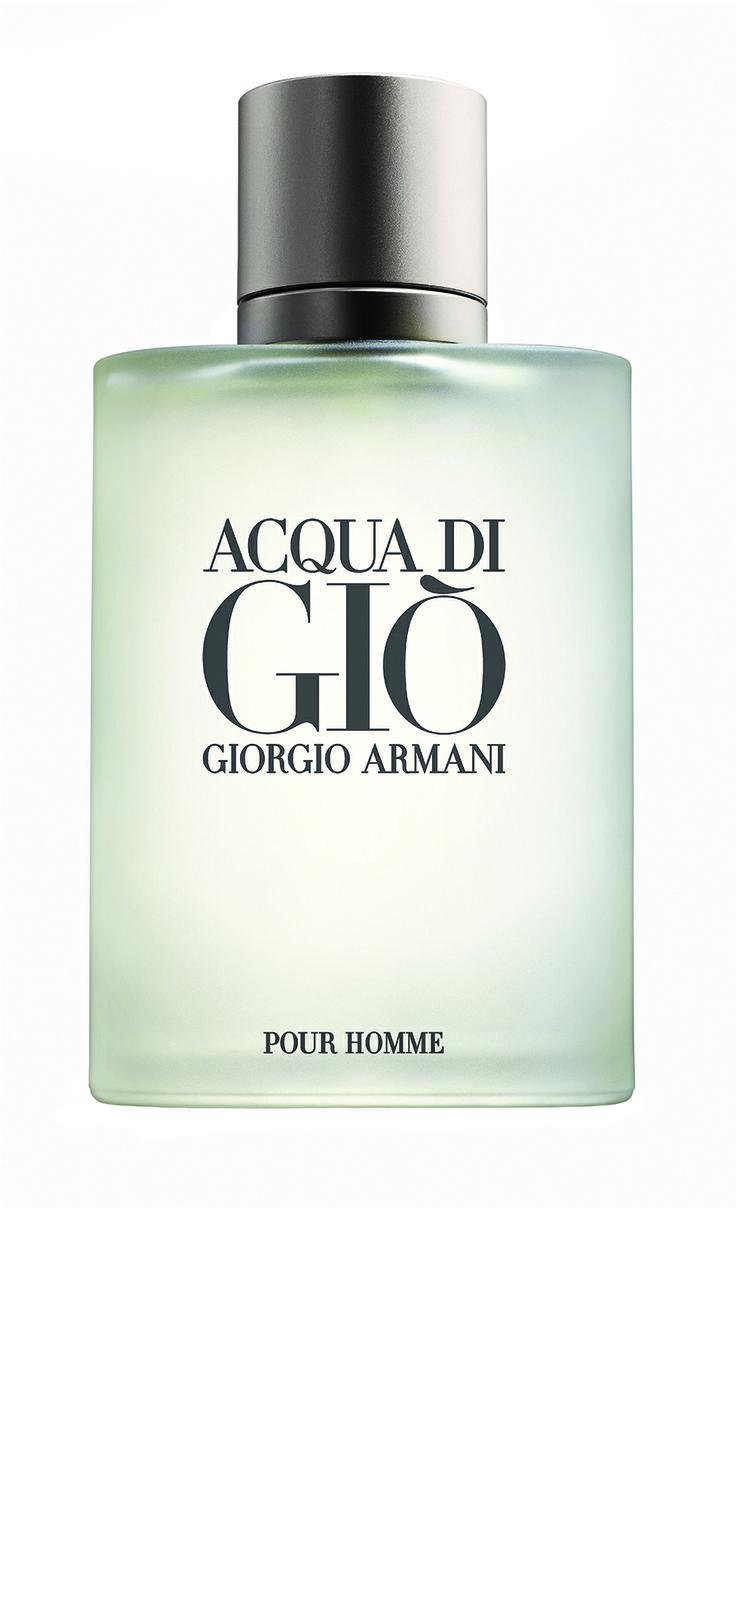 Giorgio #Armani Acqua di Giò. More info: http://www.lagardenia.com/beauty-case/magazine/bellezza/regalare-il-profumo-giusto-si-puo-ecco-6-fragranze-ideali